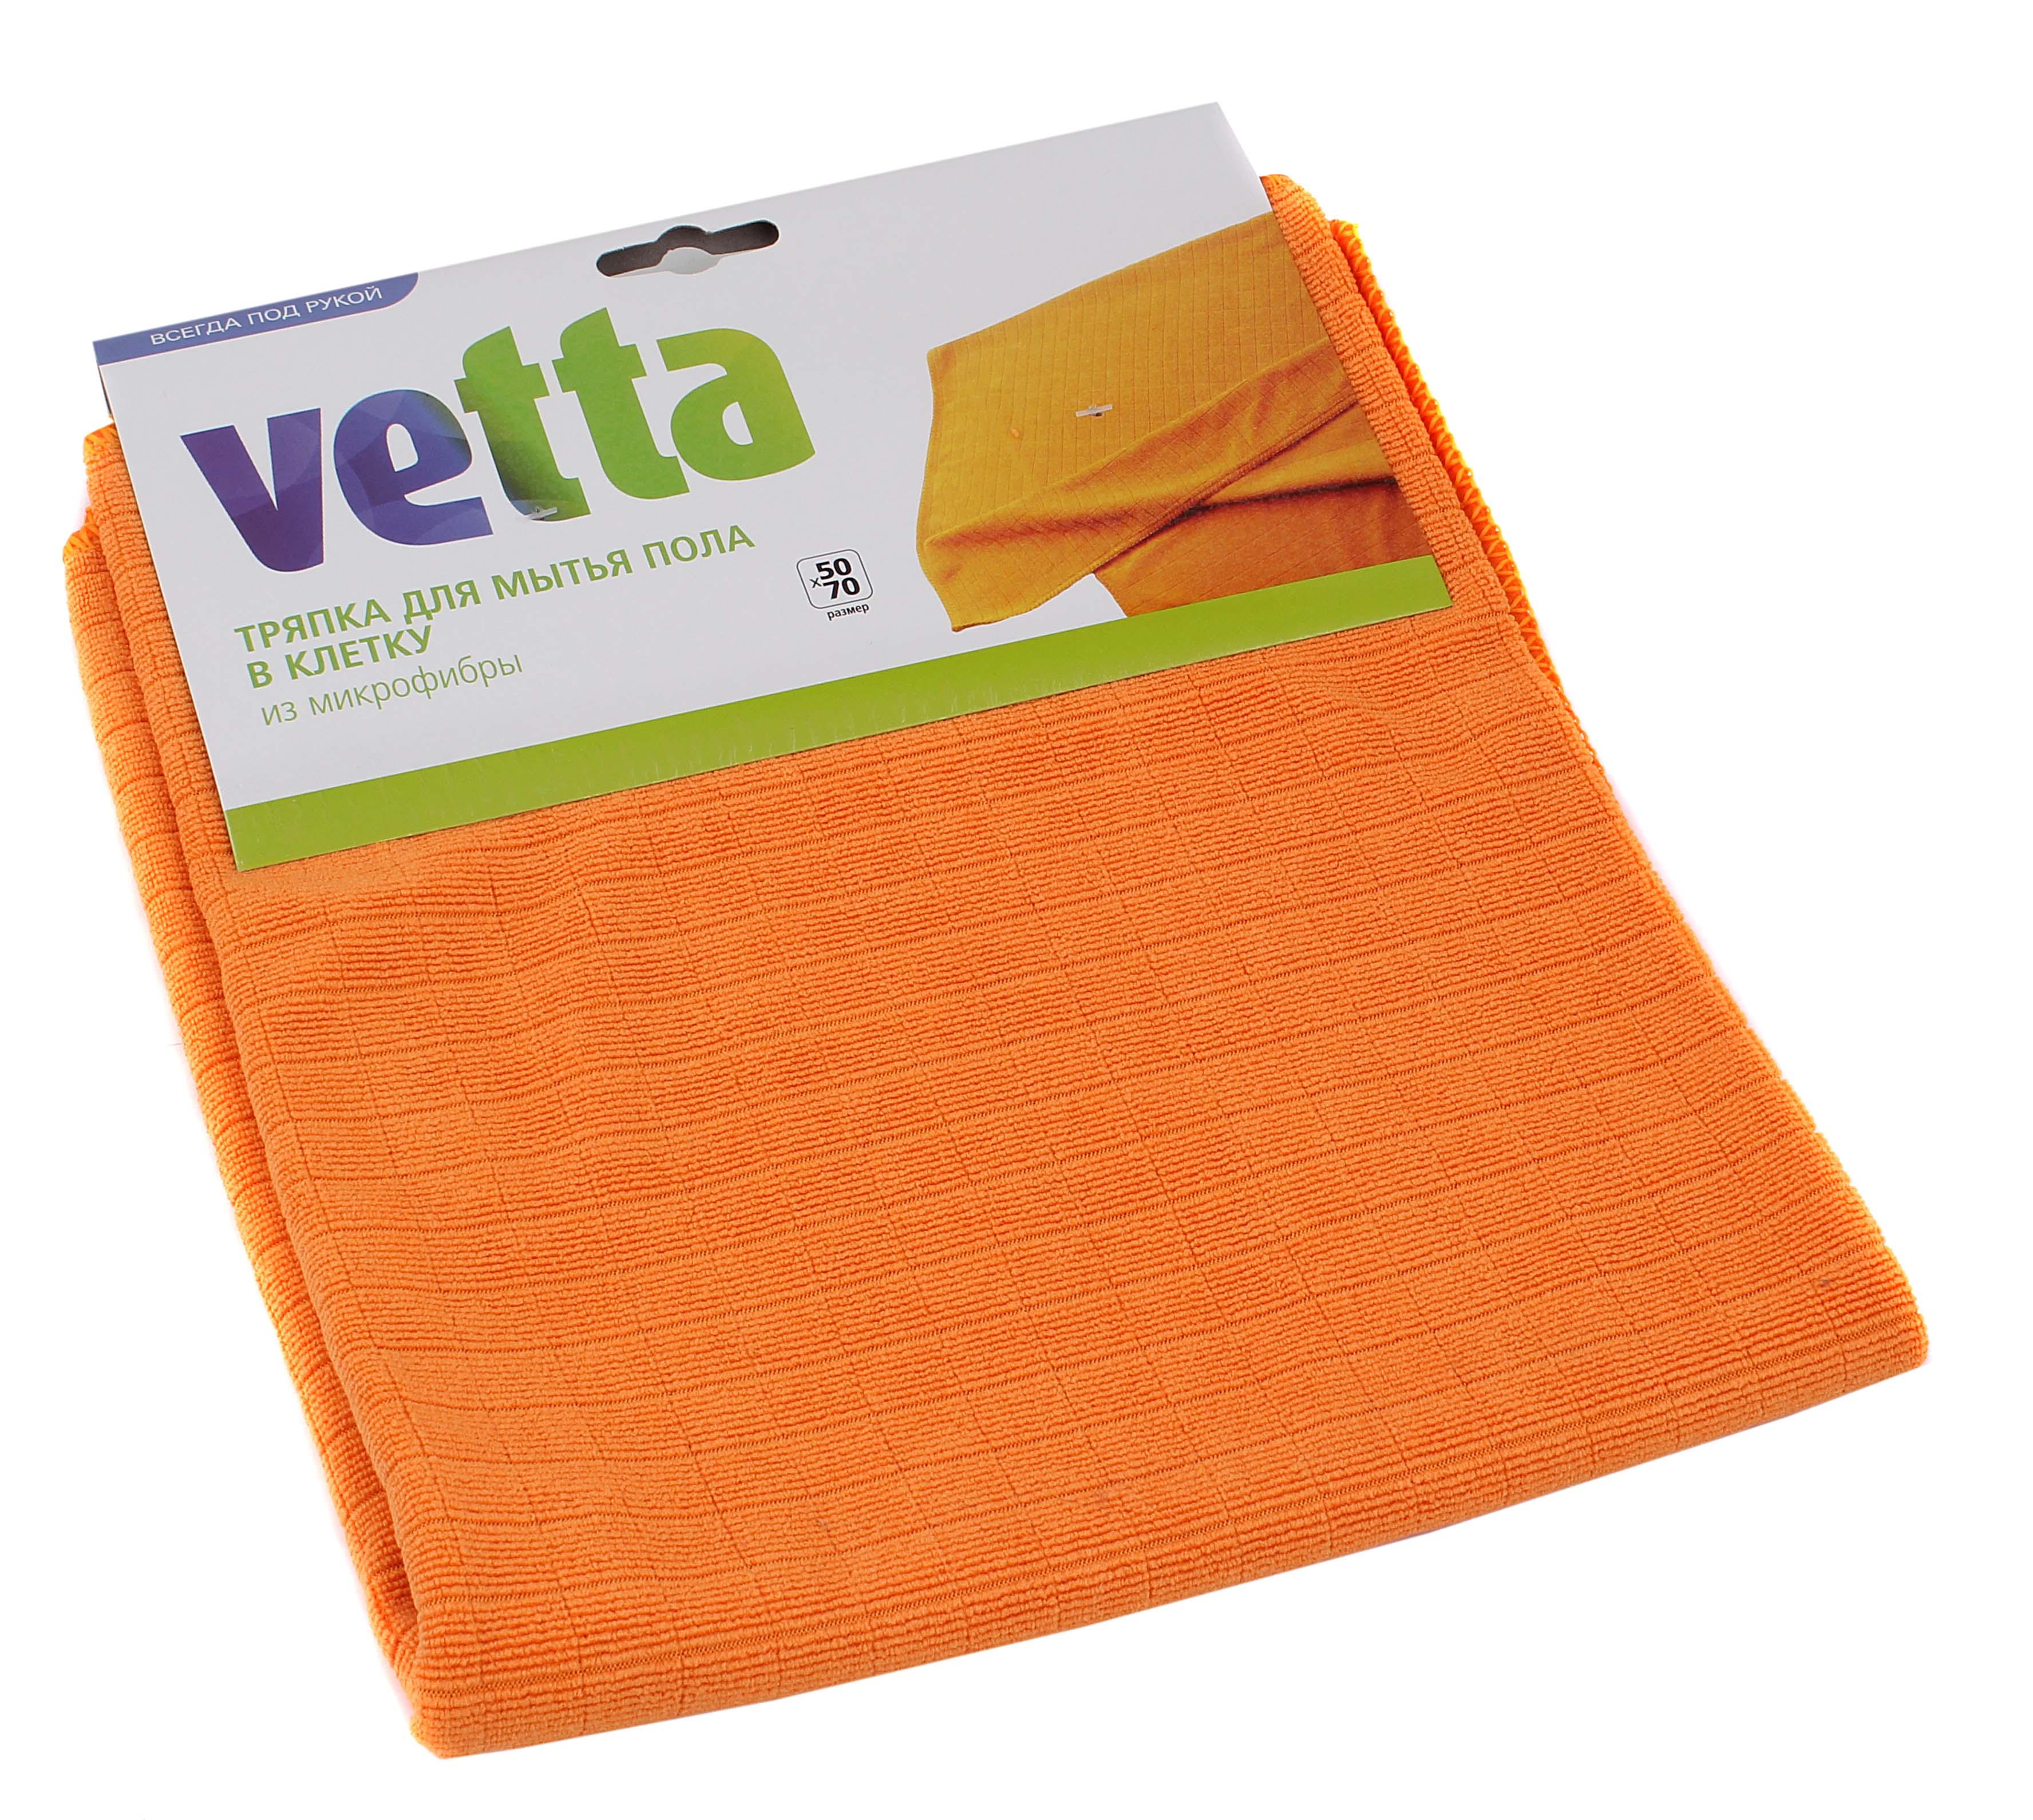 Средства для уборки Vetta Real Brand Technics 94.000